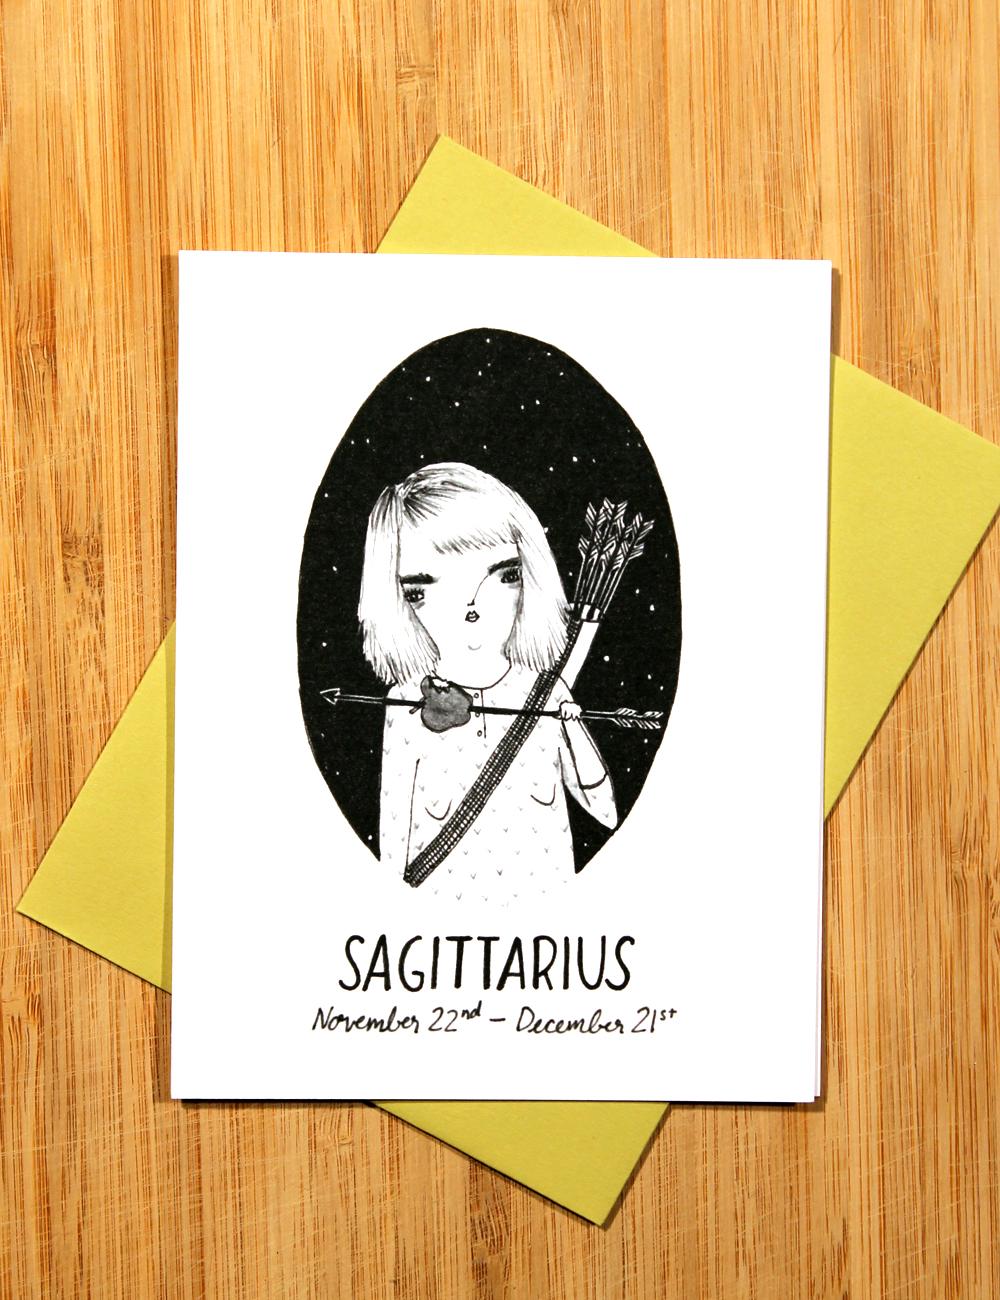 Sagittariuscard.jpg